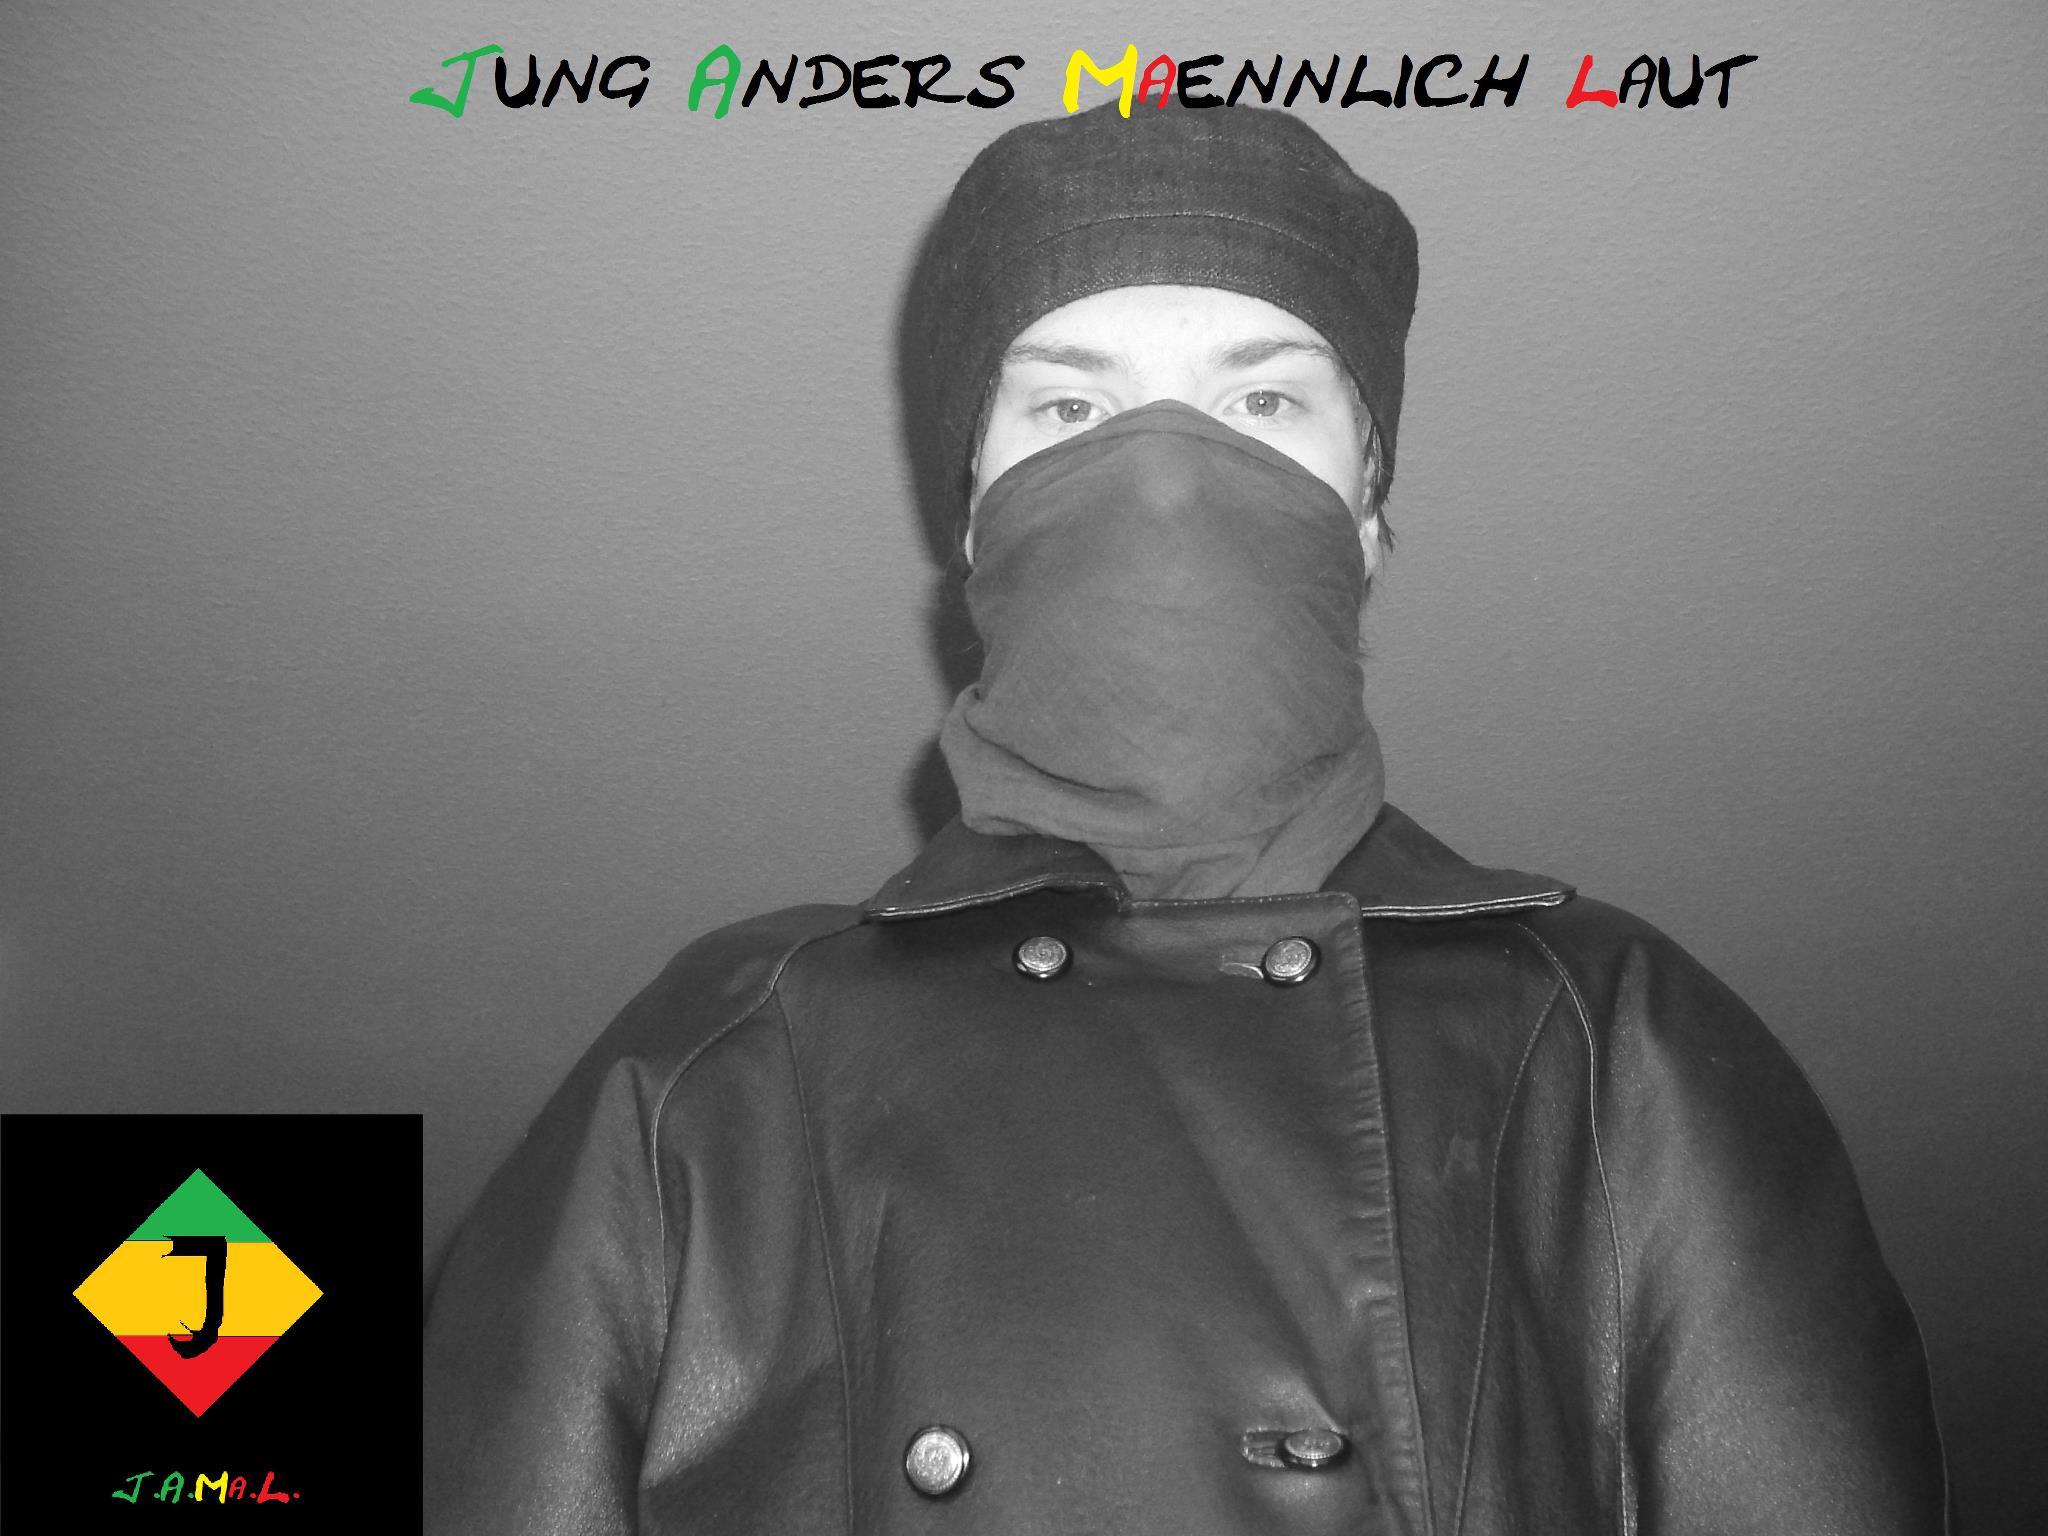 """""""Jung Anders Maennlich Laut"""""""